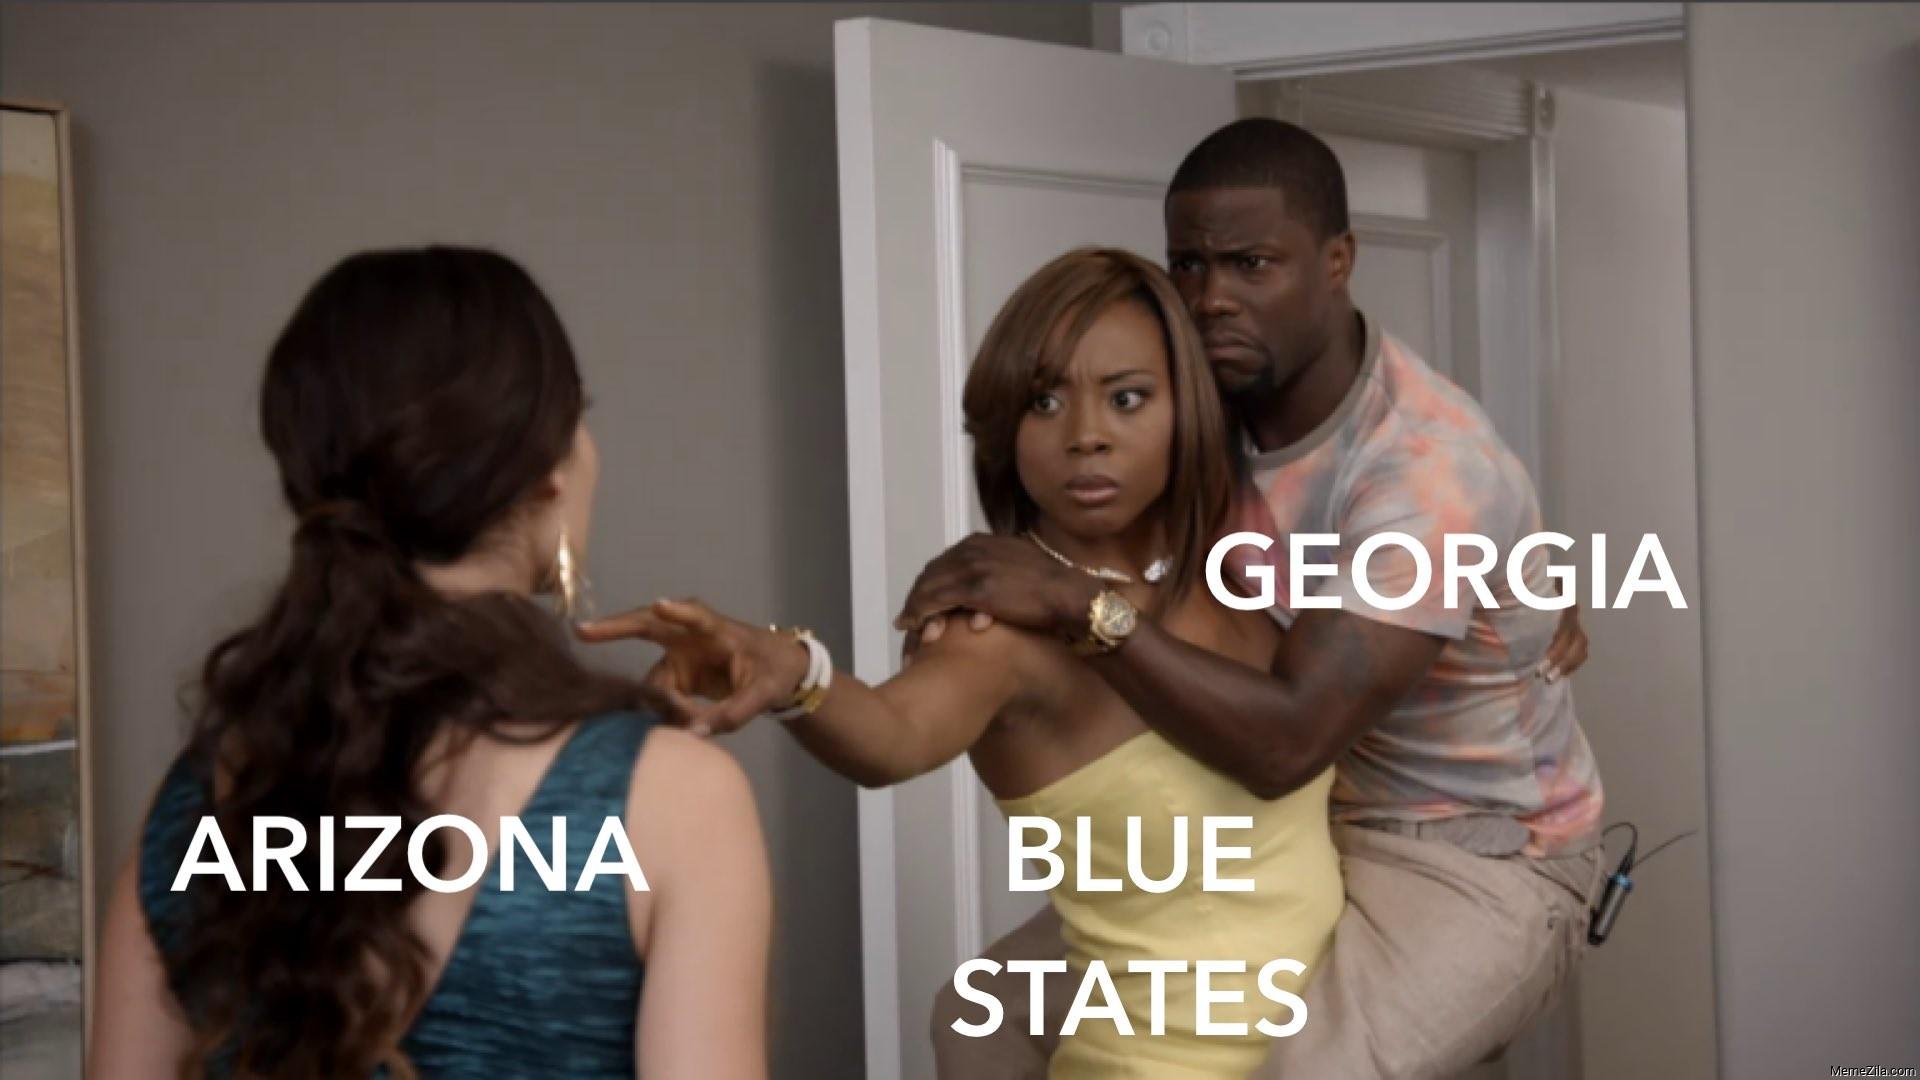 Arizona Blue states Georgia meme